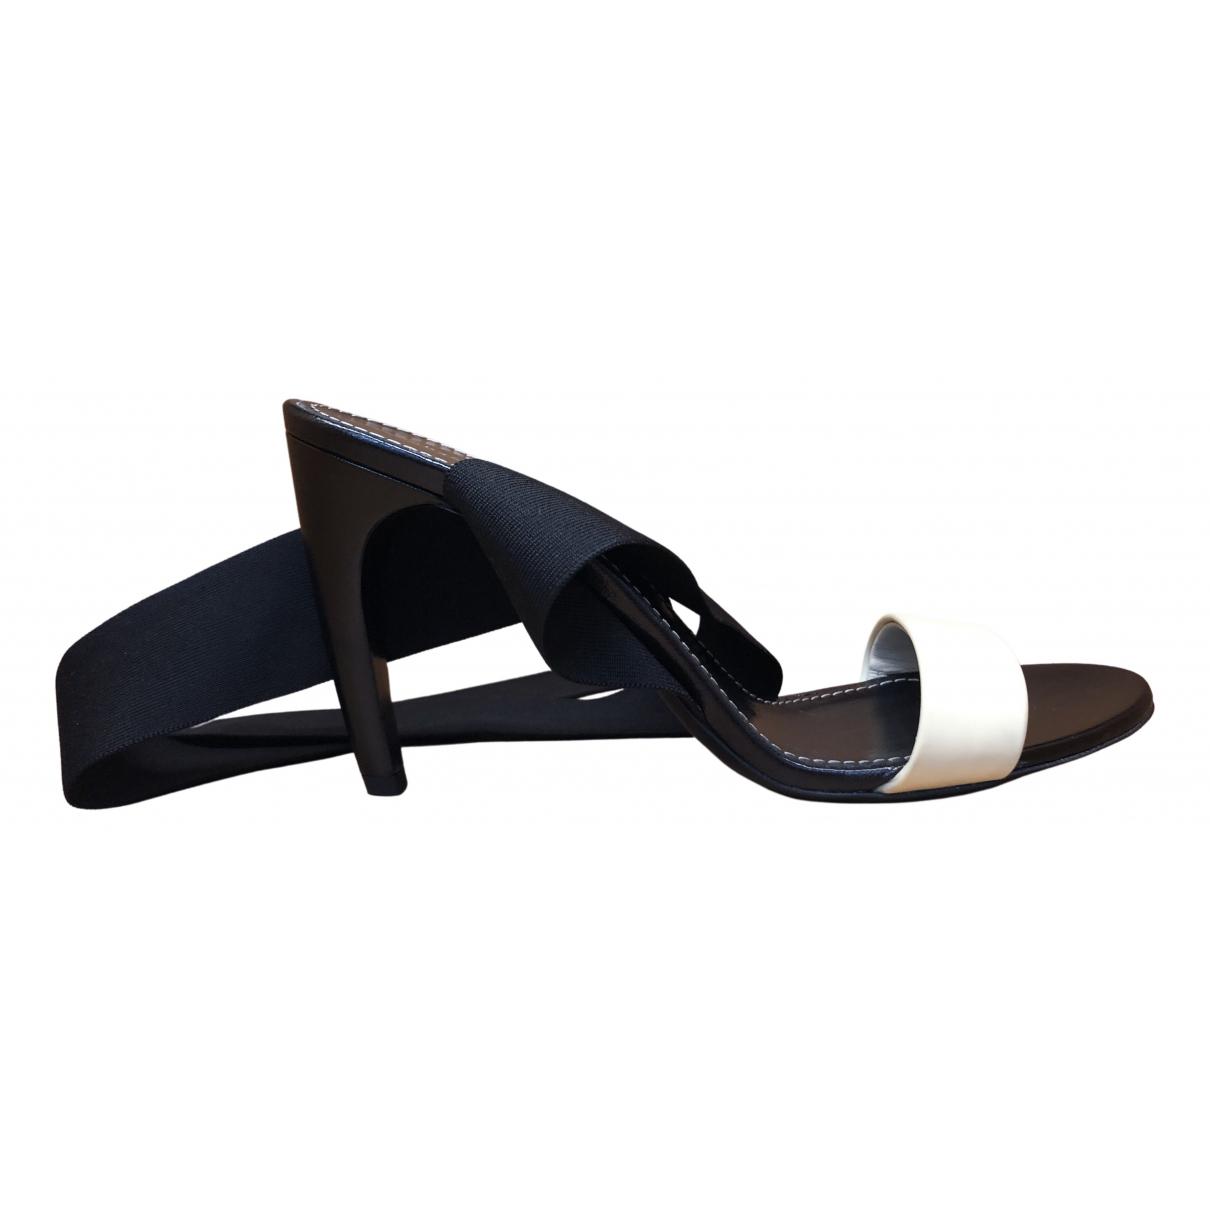 Proenza Schouler - Sandales   pour femme en cuir - multicolore